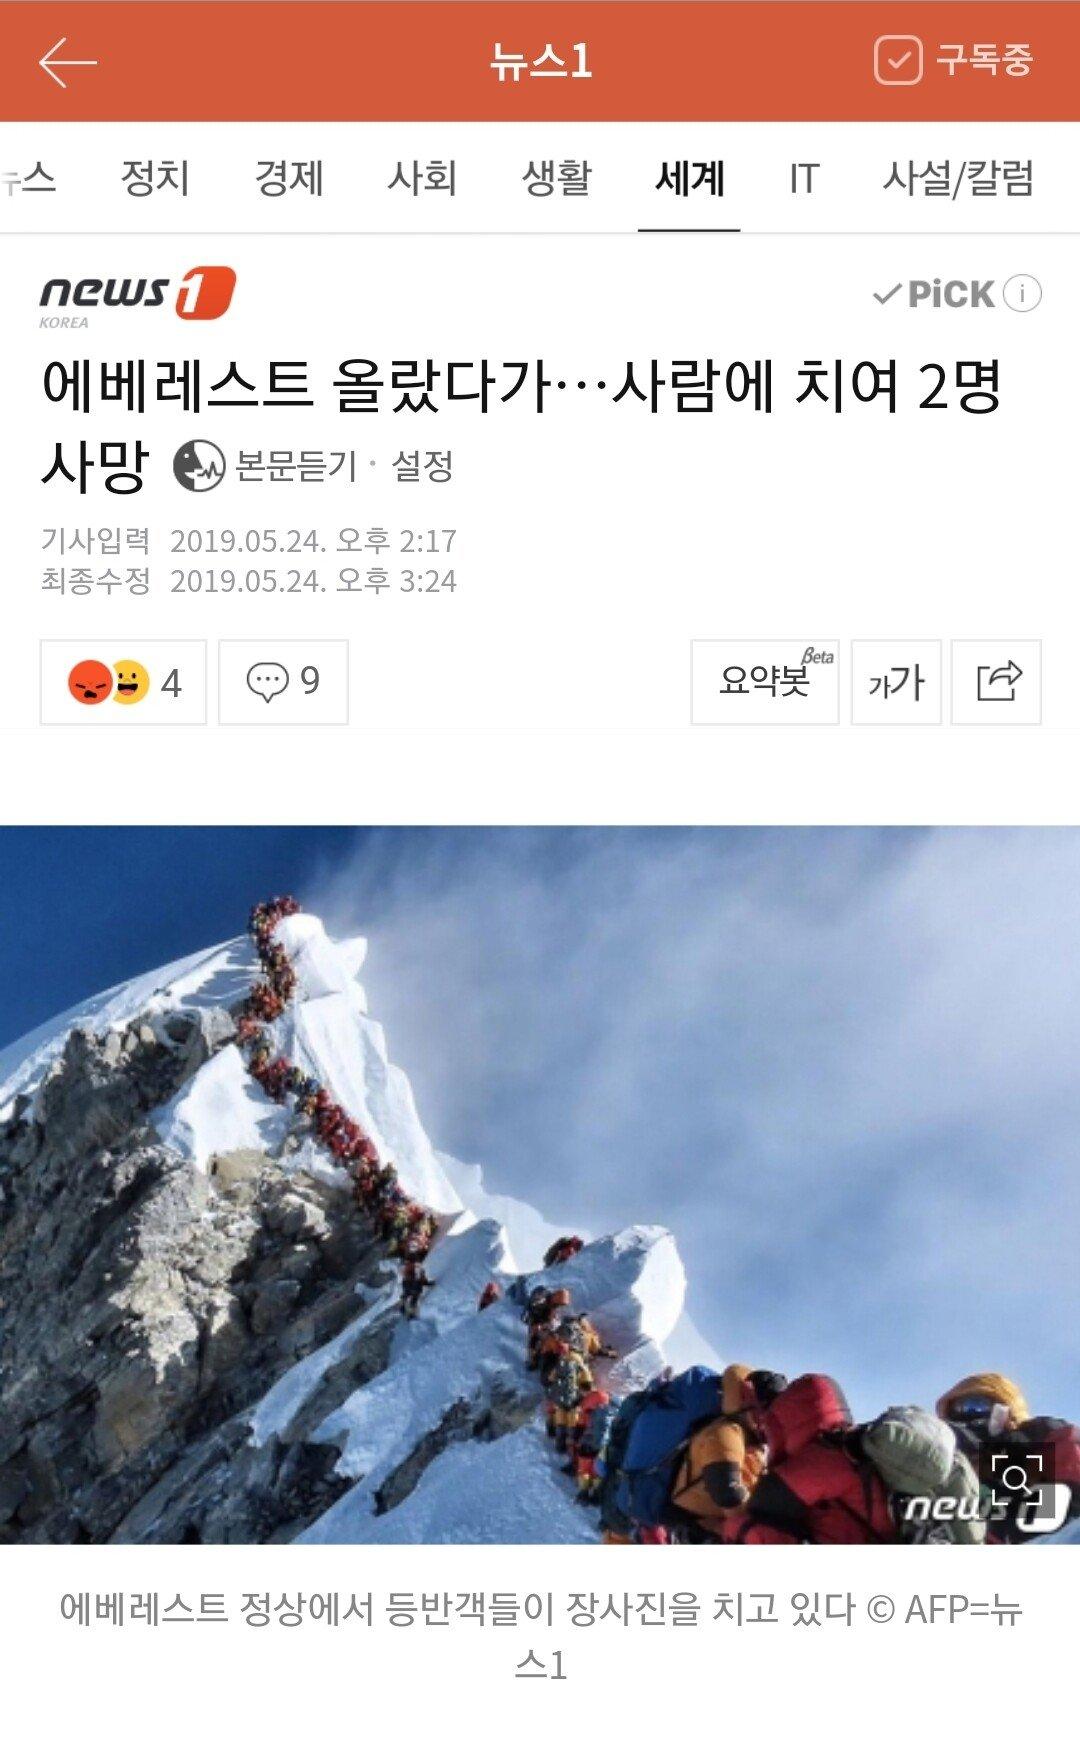 Screenshot_20190524-153656_NAVER.jpg 에베레스트, 등반객몰려 2명 사망